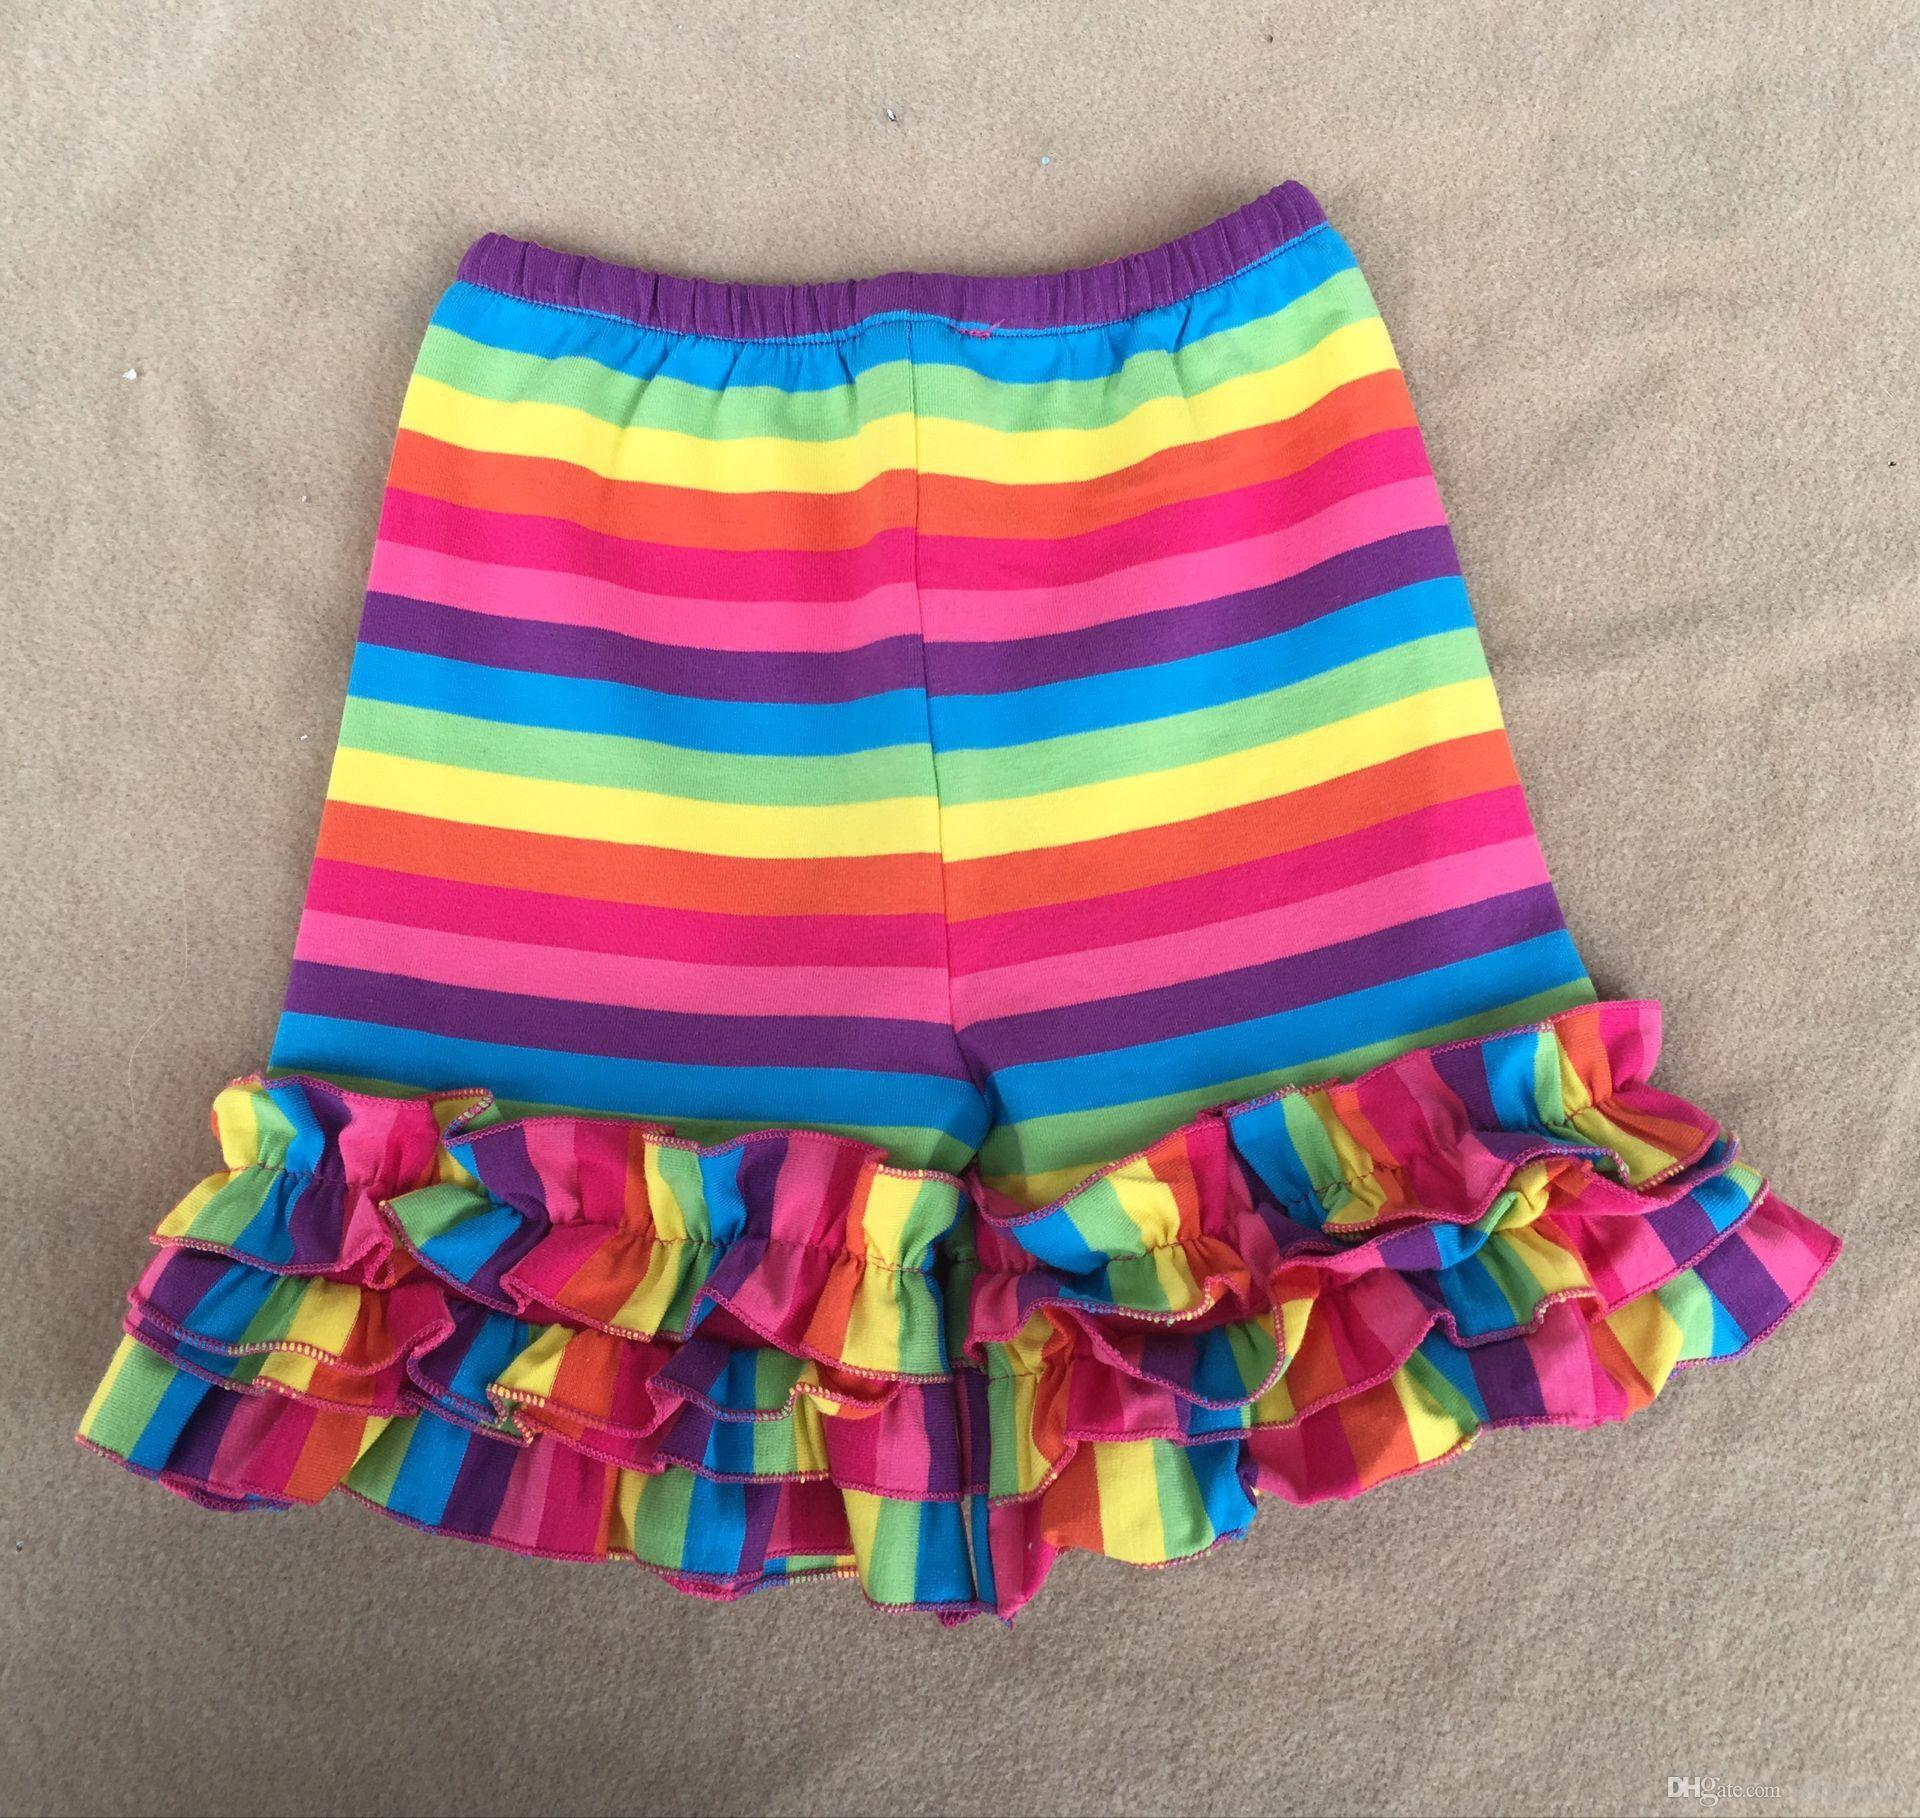 Cotton Children Shorts Wholesale Rainbow Ruffle Pants Kids Clothes